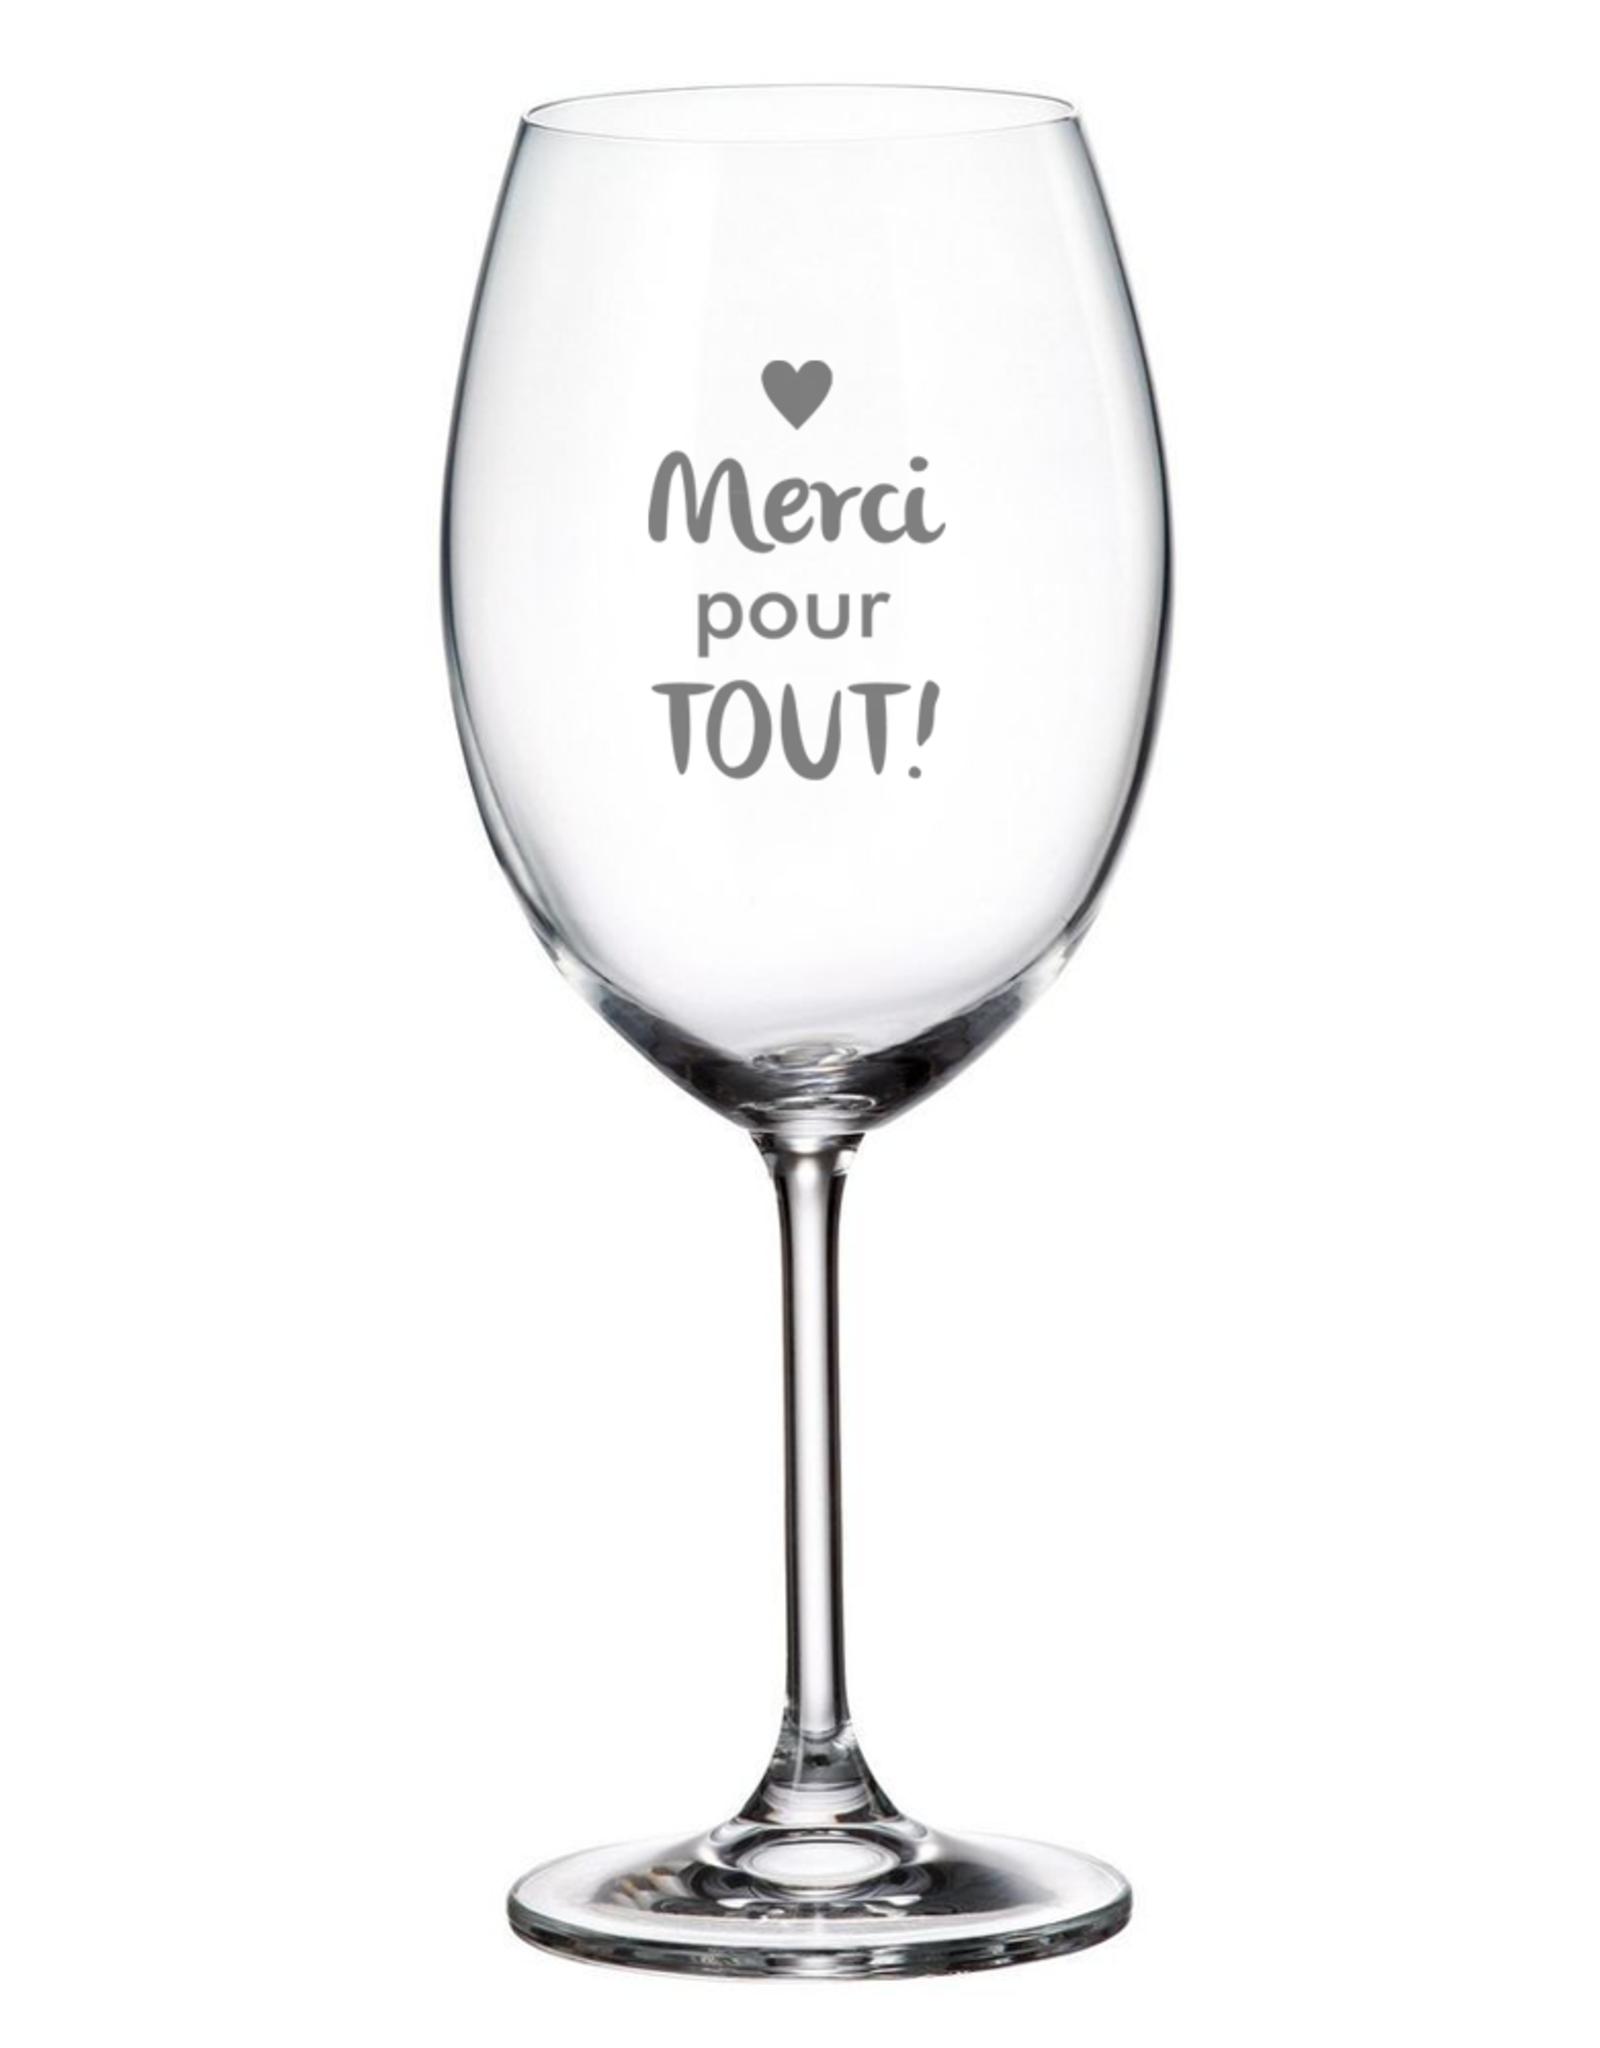 La maison du bar Verre à vin  - merci pour tout !